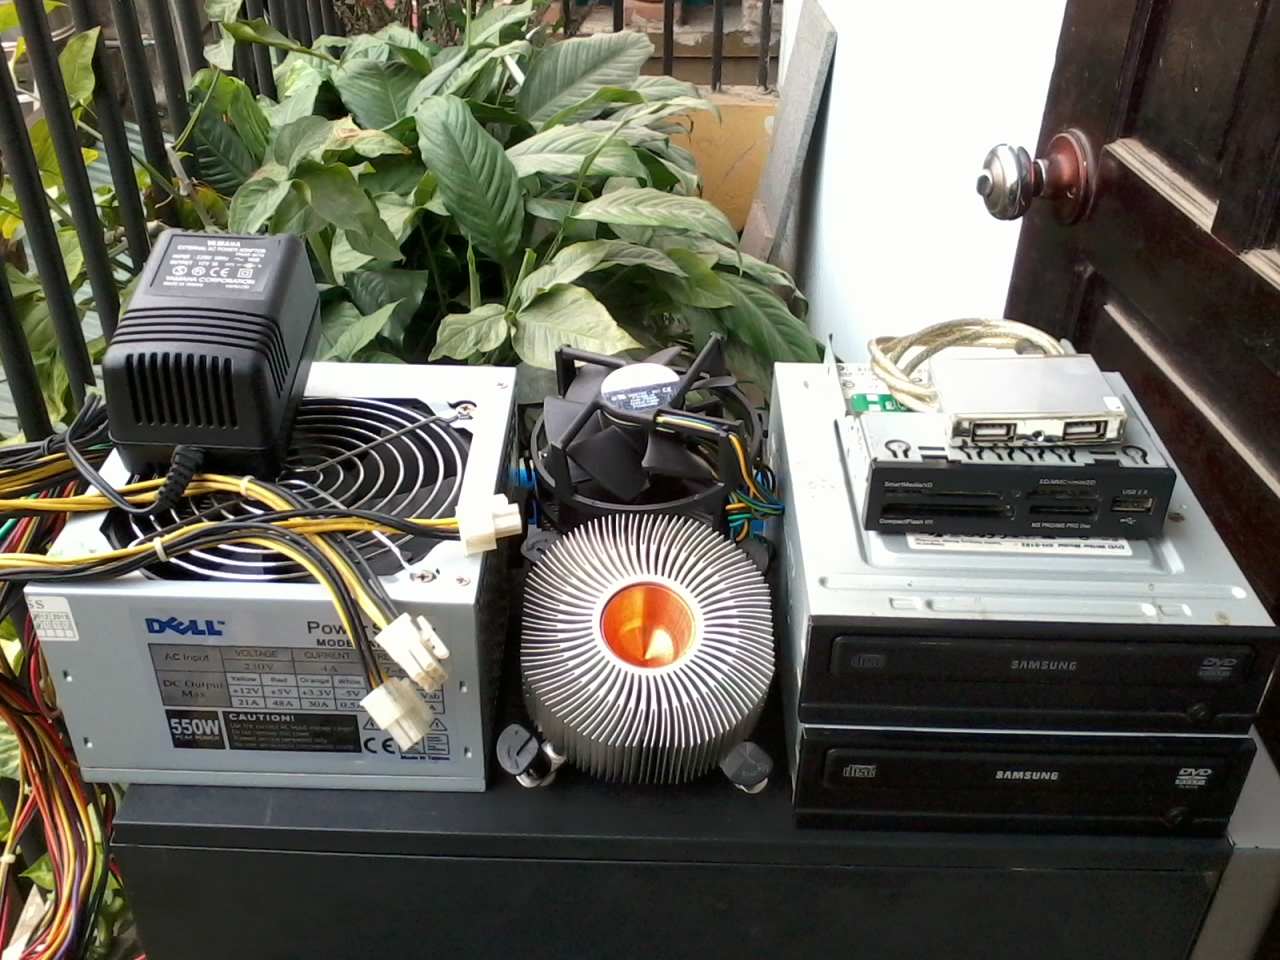 2 Bán Case MSI H61P31, G645, màn hình, swith, DVD